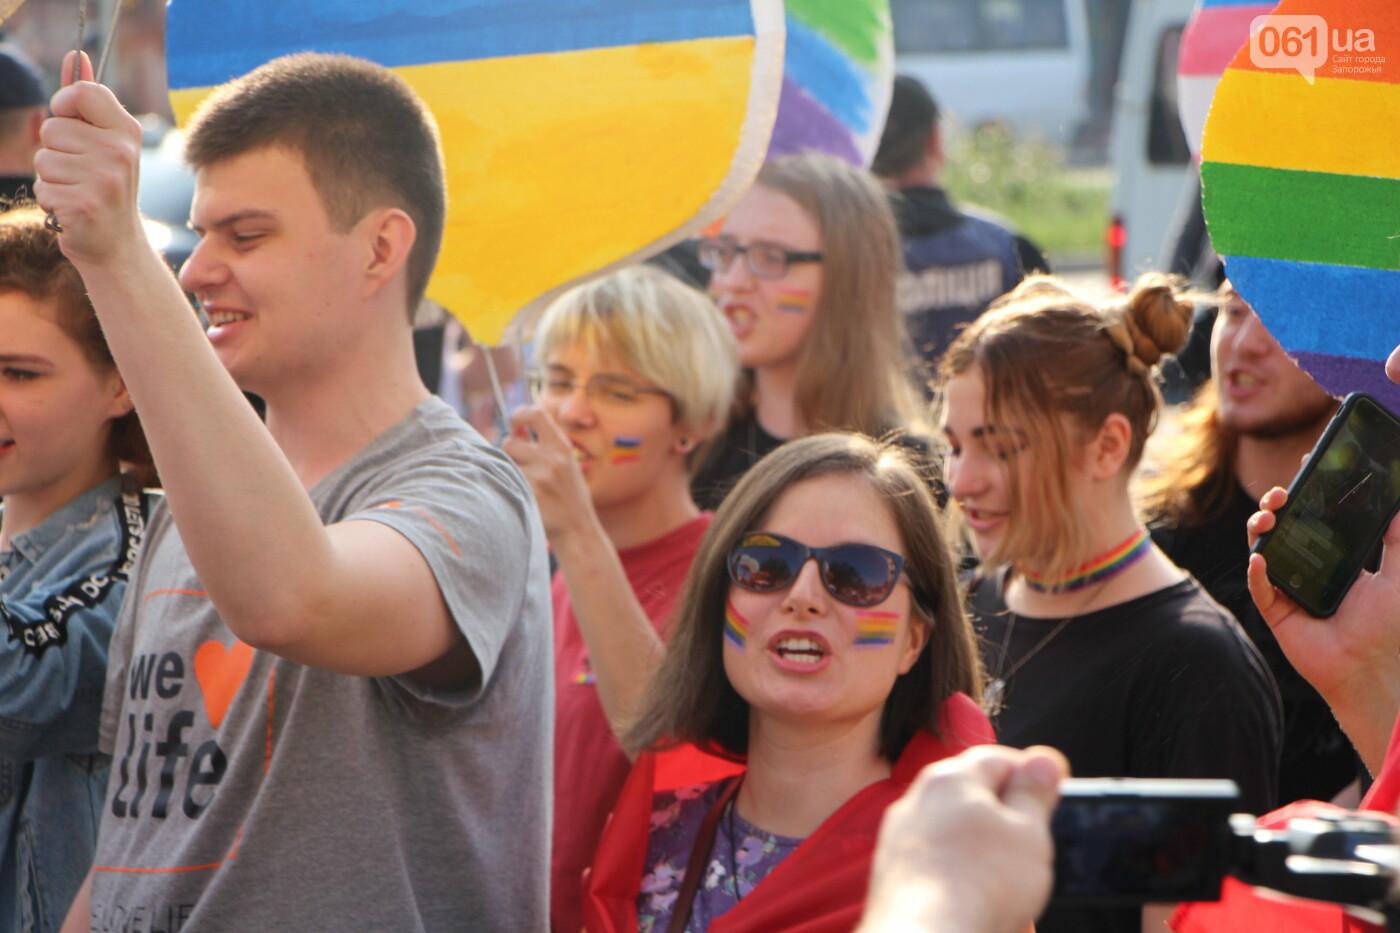 """""""Радужный флешмоб"""" переехал из-за угрозы насилия: как прошла ЛГБТ-акция в Запорожье, - ФОТОРЕПОРТАЖ, фото-21"""